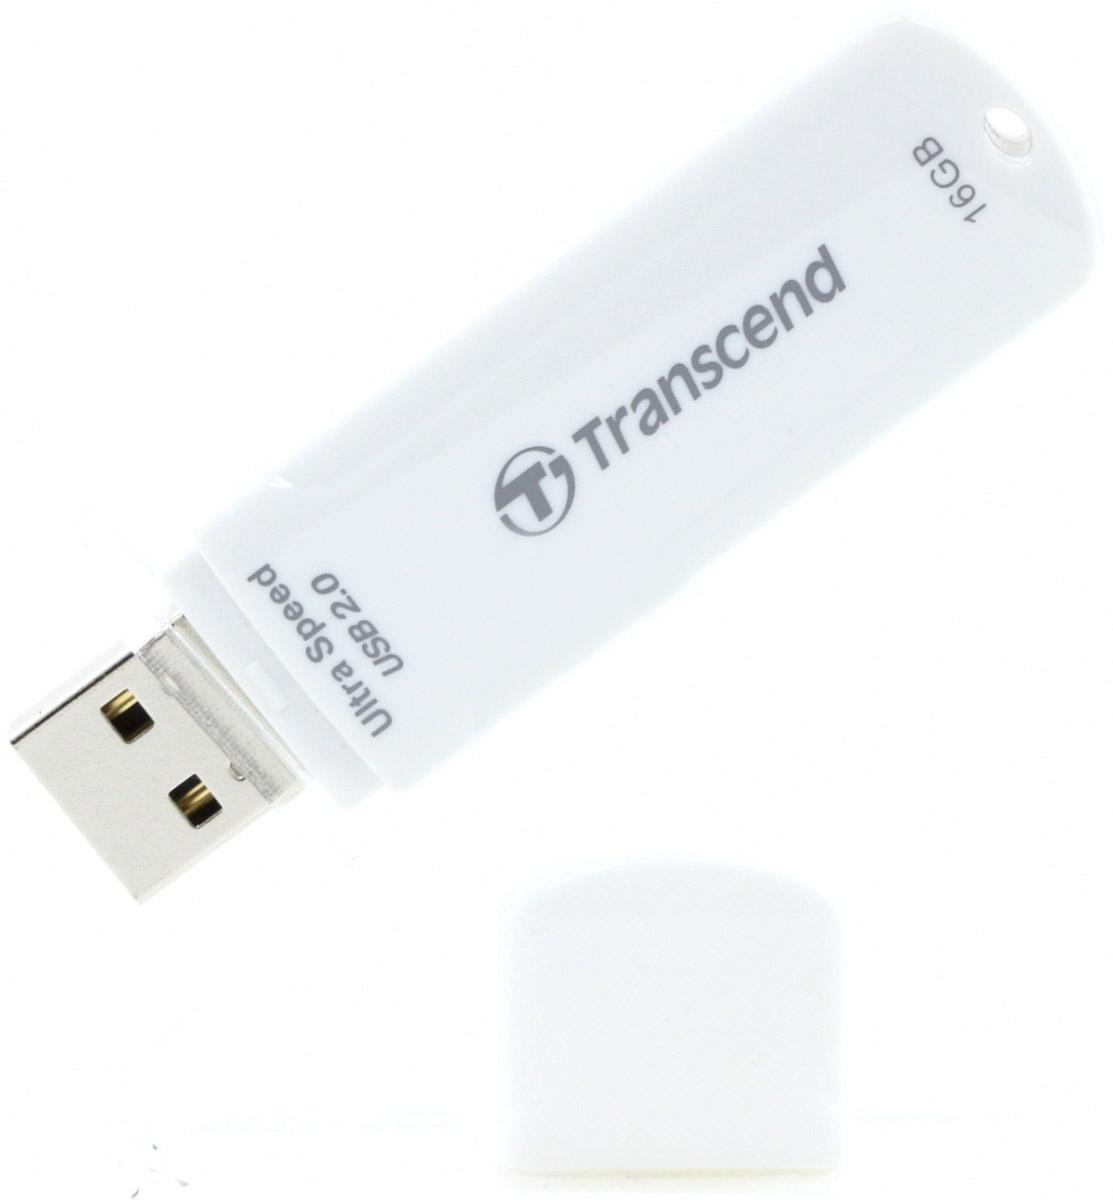 Transcend JetFlash 620, 16 GBTS16GJF620Флэш-накопитель Transcend JetFlash 620 - это устройство для хранения и переноса документации, фото, музыки и видео, которое с легкостью может поместиться у Вас в кармане или кошельке.Флеш-накопитель обеспечит надёжную защиту пользовательских данных благодаря функции автоматического шифрования записываемой информации по алгоритму AES с использованием 256-битных ключей. Получить доступ к информации на носителе с включенной защитой можно только после введения правильного пароля, установленного владельцем. С помощью специального программного обеспечения JetFlash SecureDrive, Вы сможете создать на накопителе приватную зону и ограничить доступ только к ней.